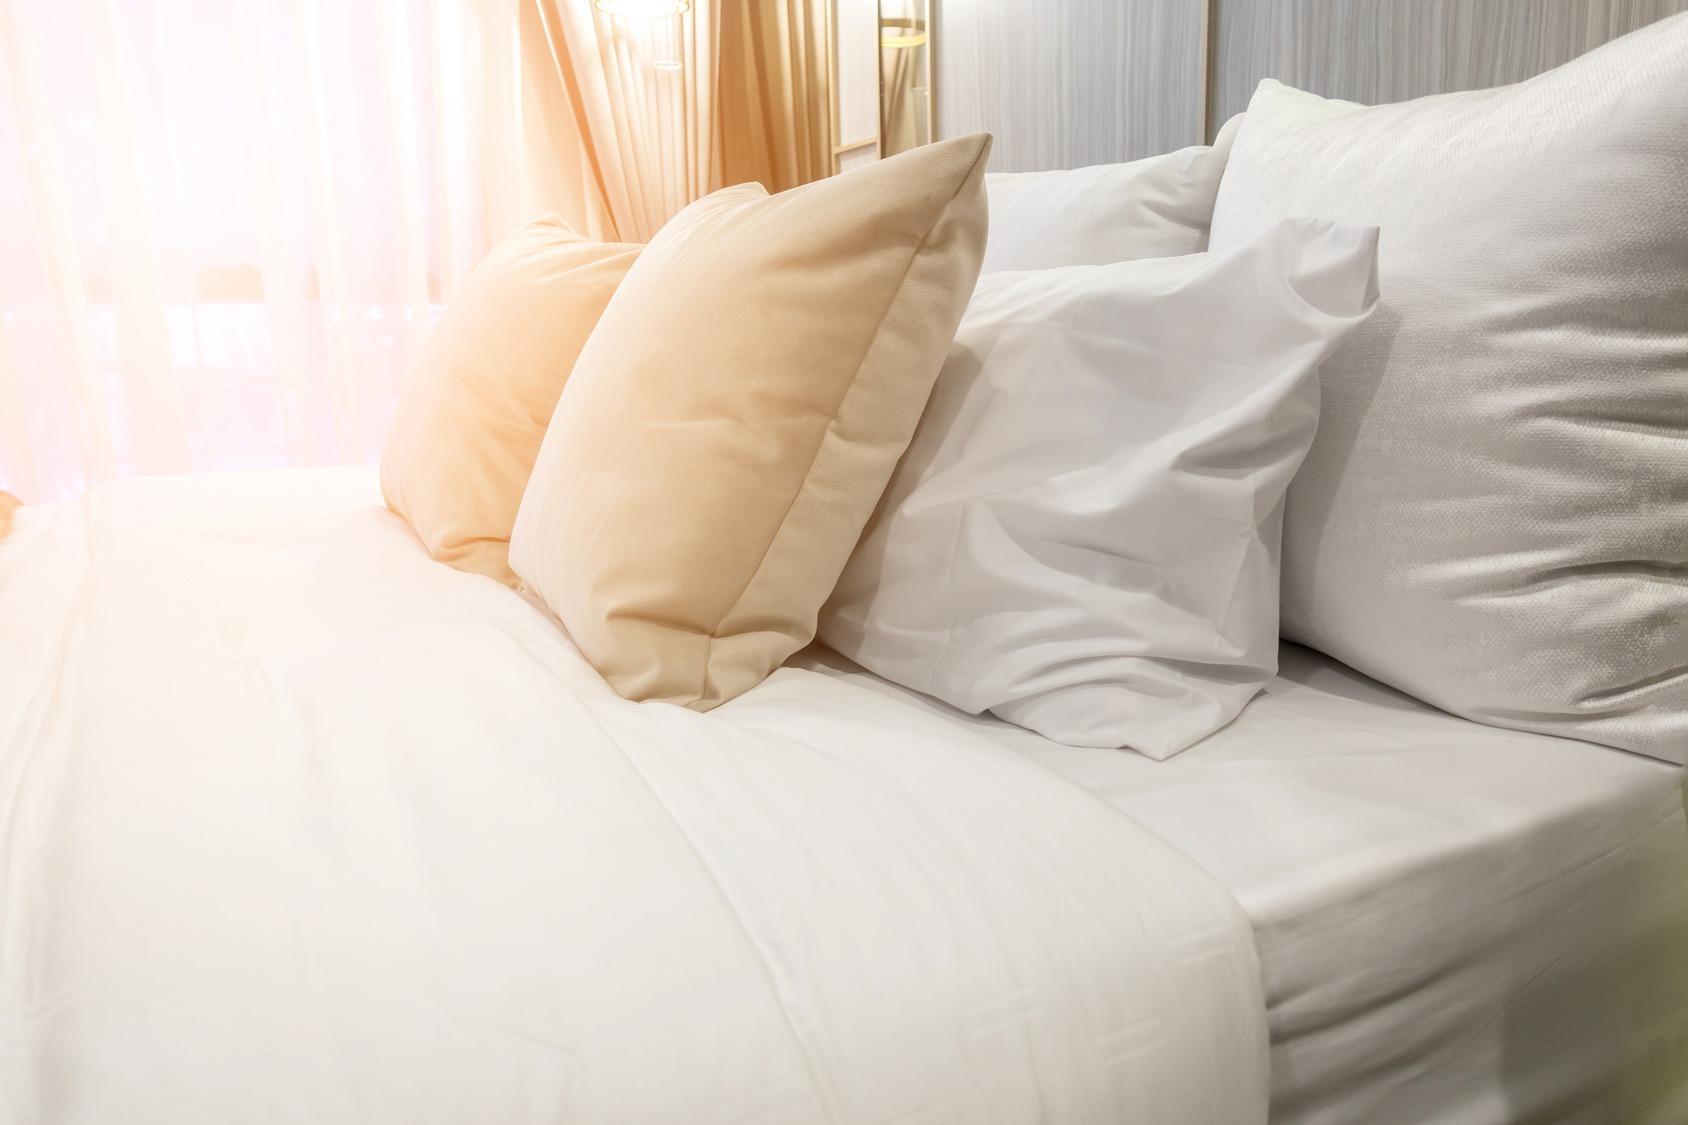 Frisch gemachtes Bett wird von der Sonne angestrahlt.